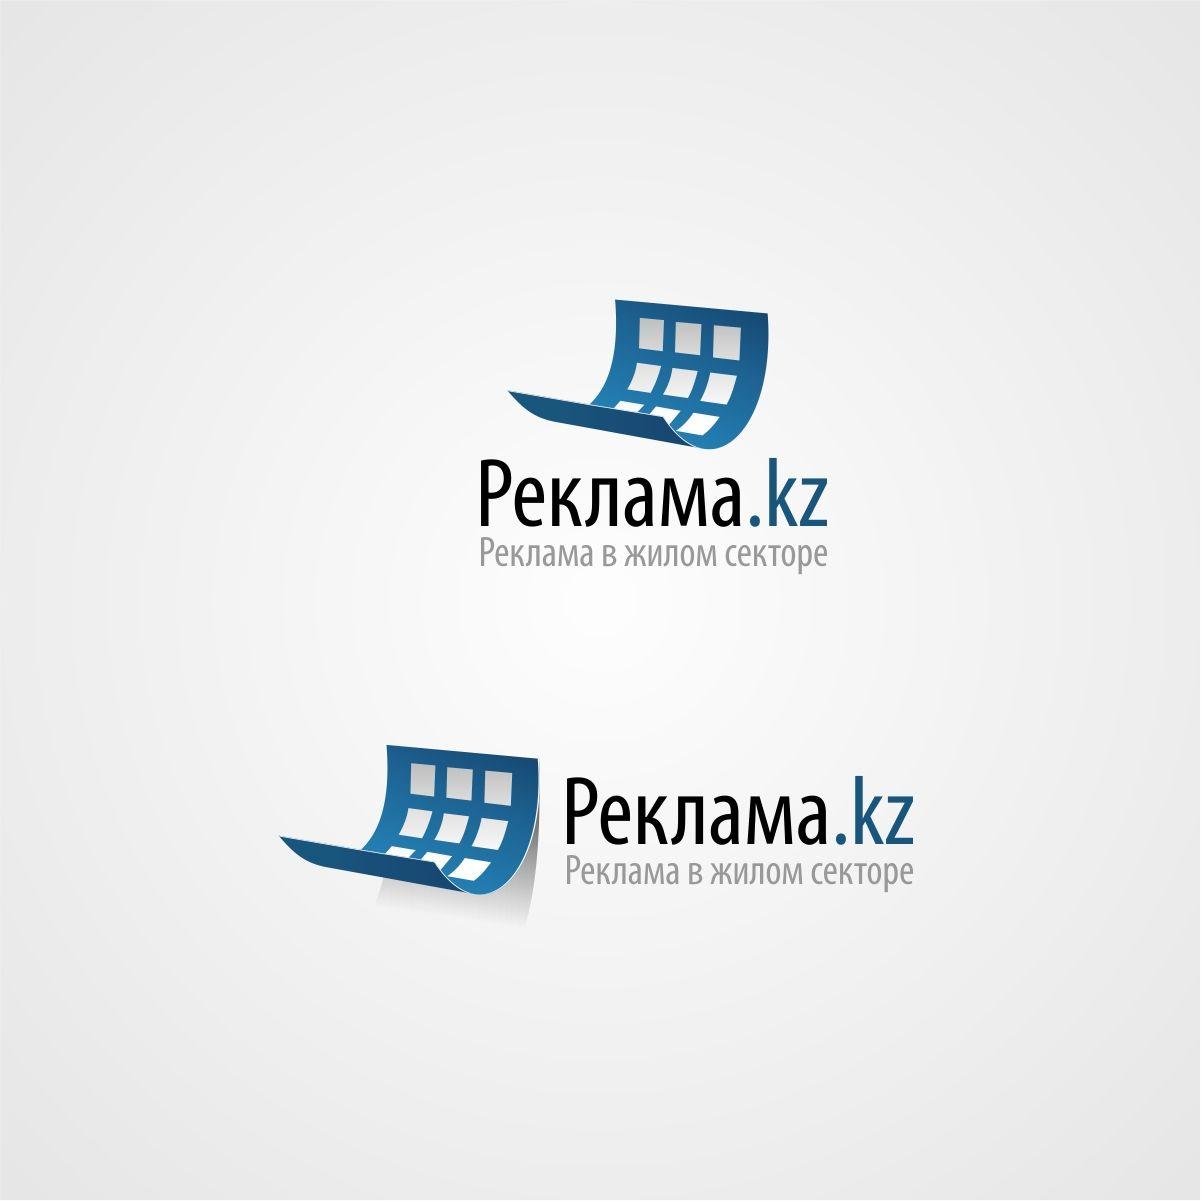 Реклама.kz